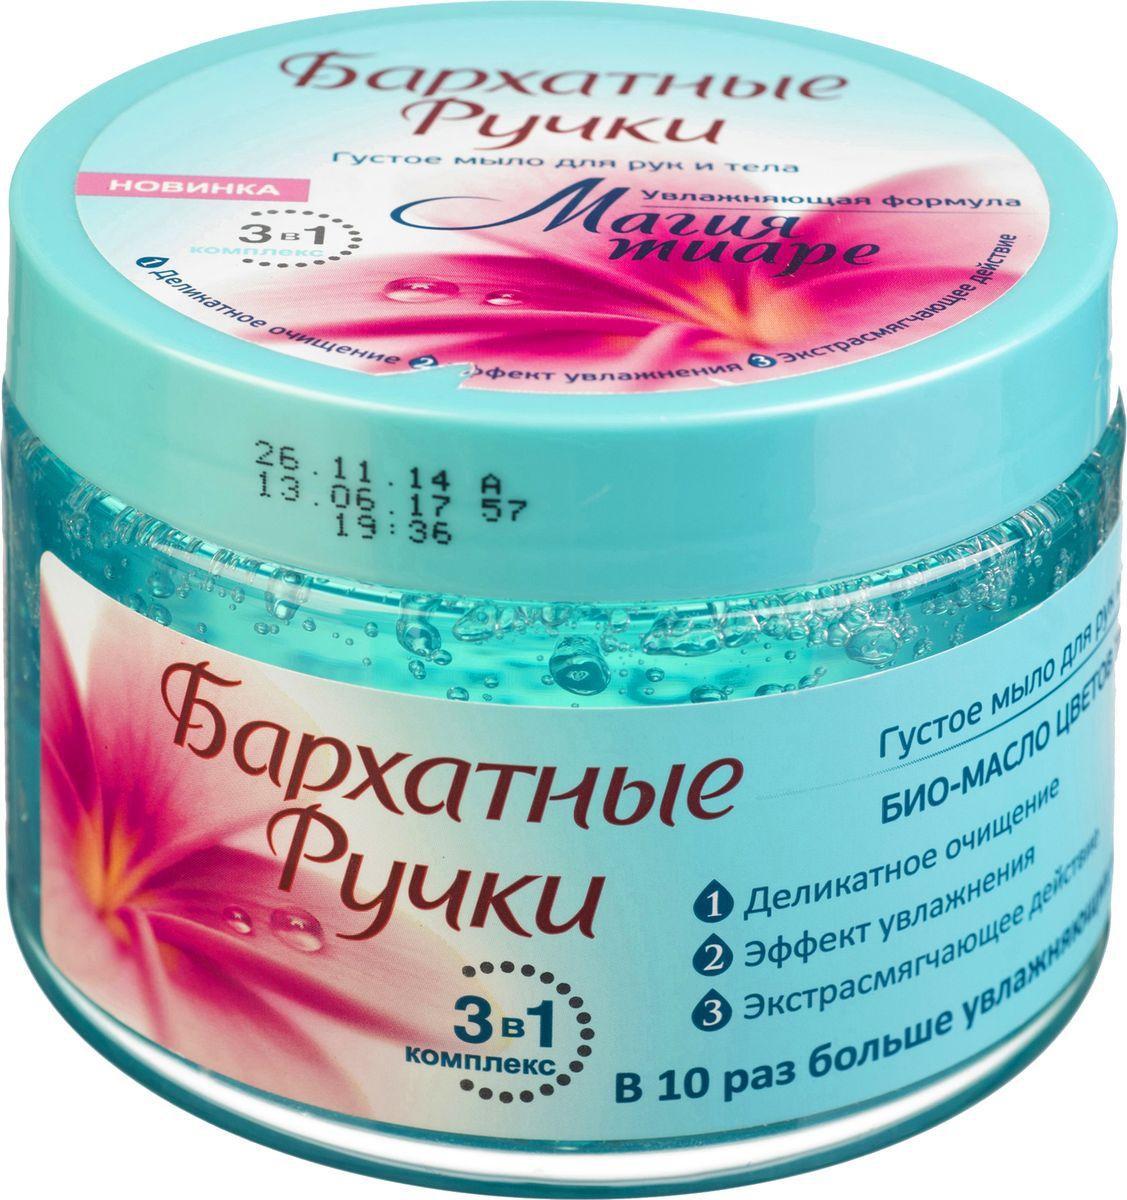 Бархатные Ручки Густое мыло Магия тиаре 400 мл1107116005Нежное густое мыло с освежающим ароматом деликатно очищает и оживляет сухую обезвоженную кожу. Мягкая ухаживающая формула содержит в 10 раз больше увлажняющих компонентов чем обычное мыло*, обеспечивает экстрасмягчающее действие и дарит непревзойденную нежность прикосновения.1. Деликатное очищение2. Эффект увлажнения3. Экстрасмягчающее действие*Указанные свойства подтверждены потребительским тестированием, 39 женщин, Россия, 2014 гОказывает экстрасмягчающее действие в комплексе с кремом для рук Бархатные ручки Магия тиаре.*По сравнению с жидким мылом для рук ООО Концерн Калина